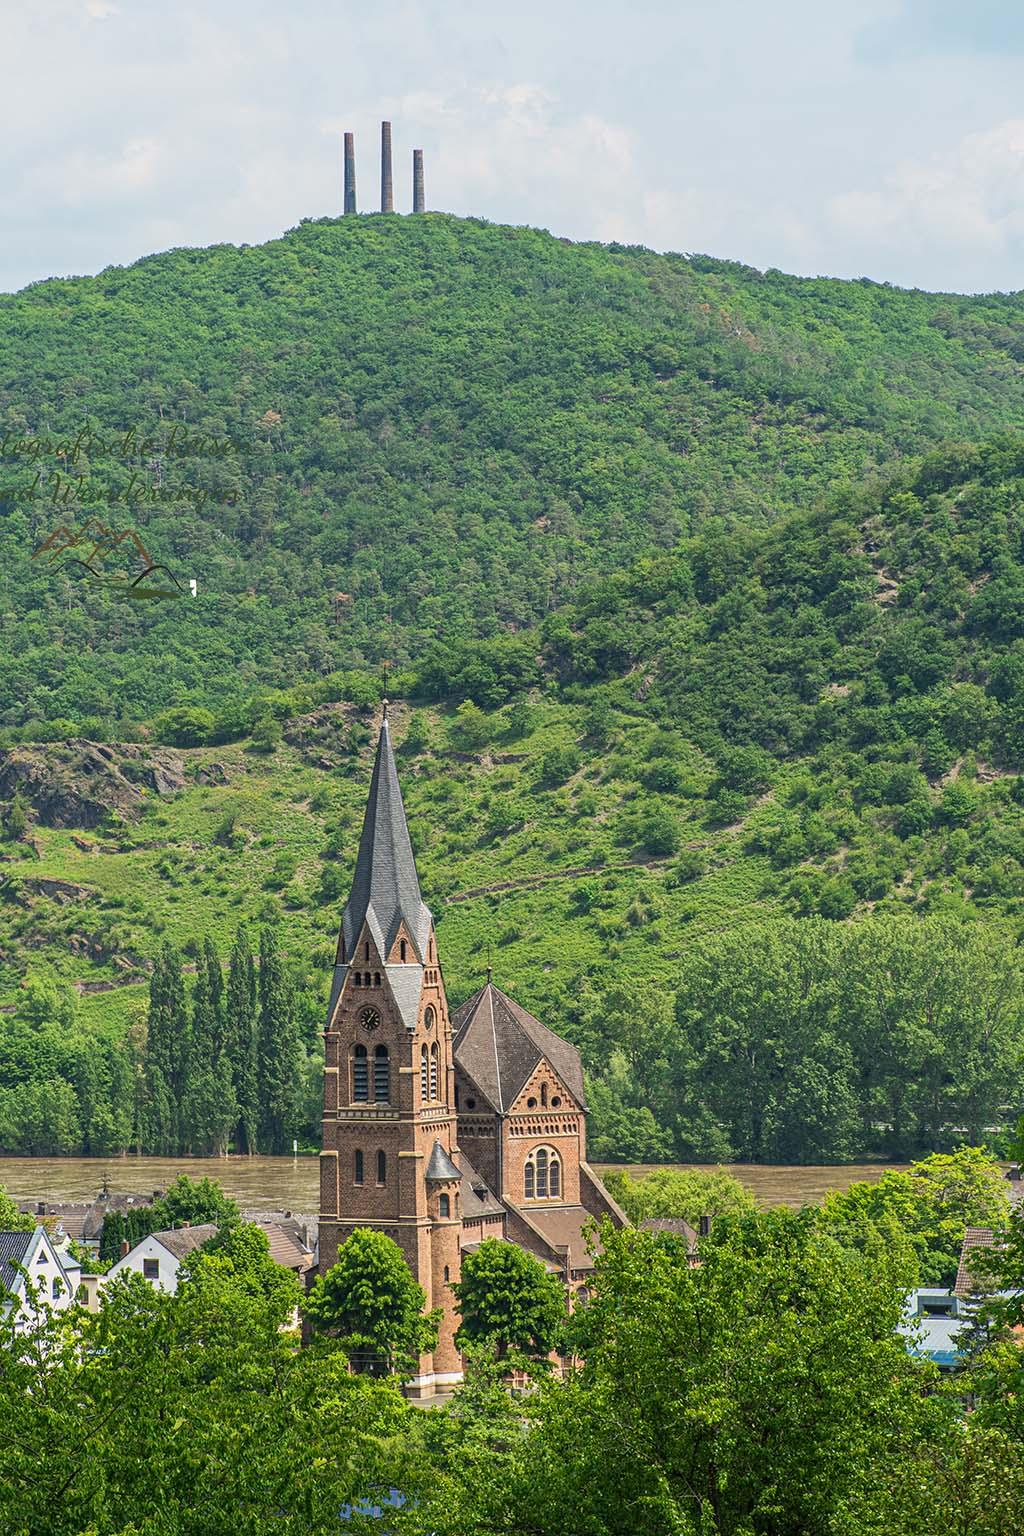 Blick auf die Kirche in Spay und die andere Rheinseite - Spayer Blick ins Tal - Traumpfädchen am Rhein